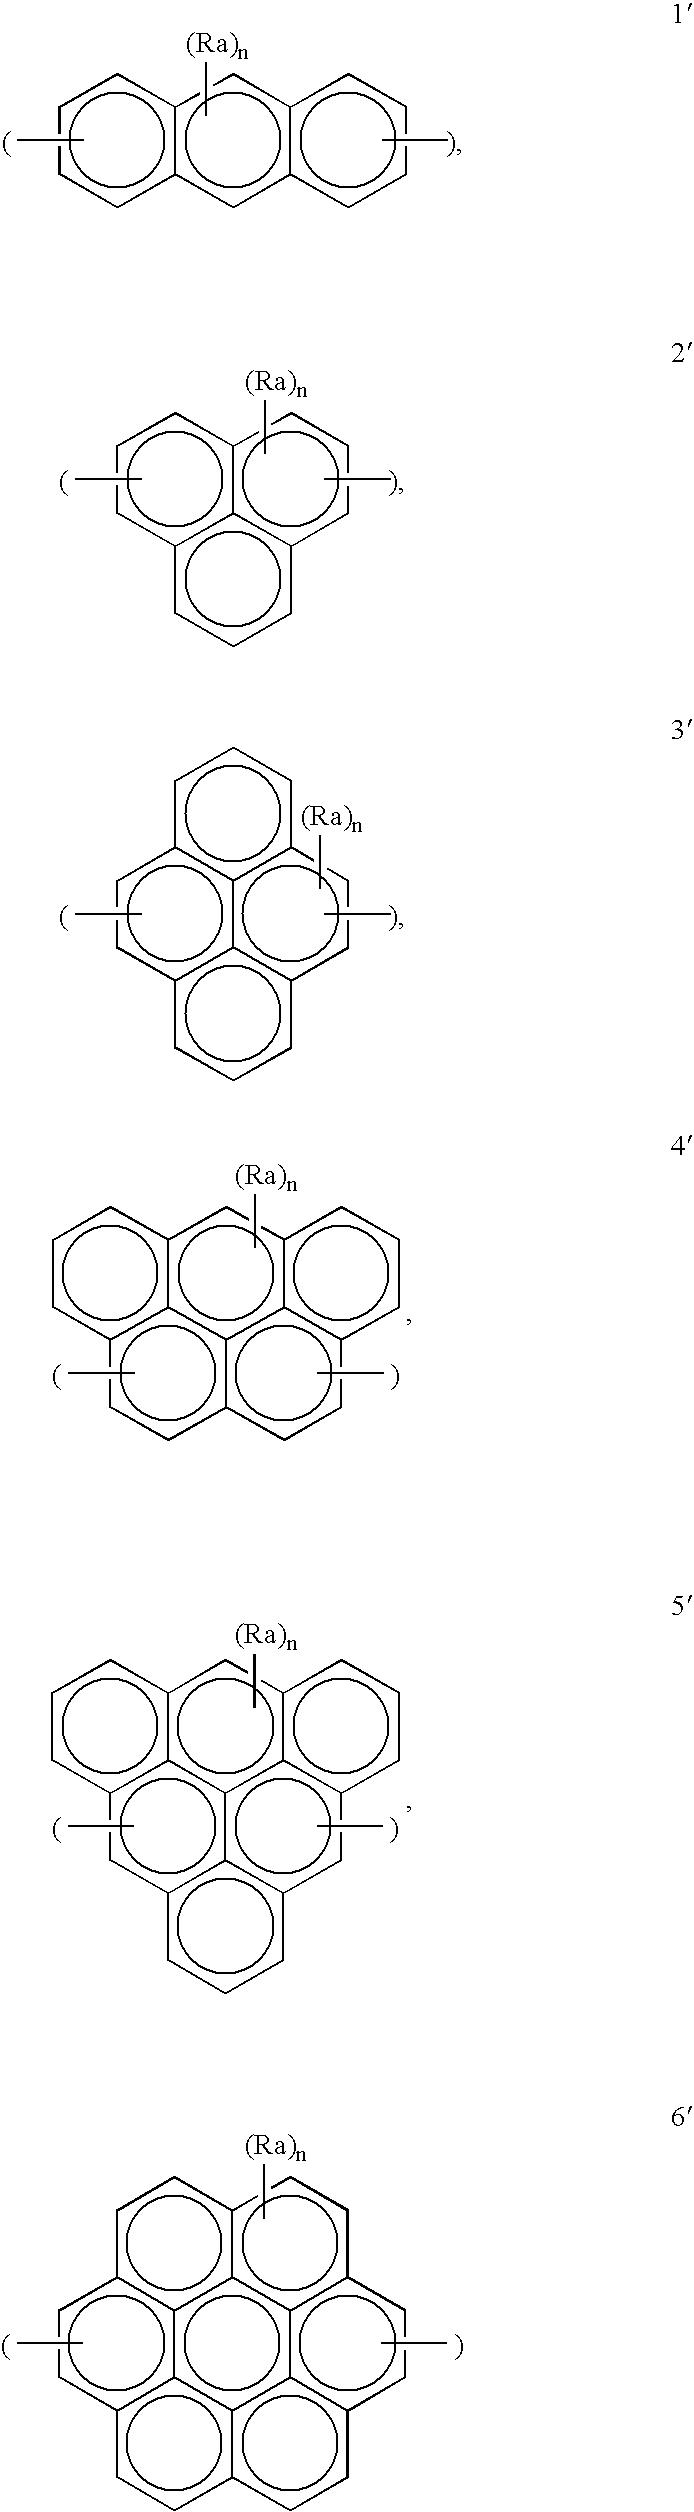 Figure US20080292995A1-20081127-C00003